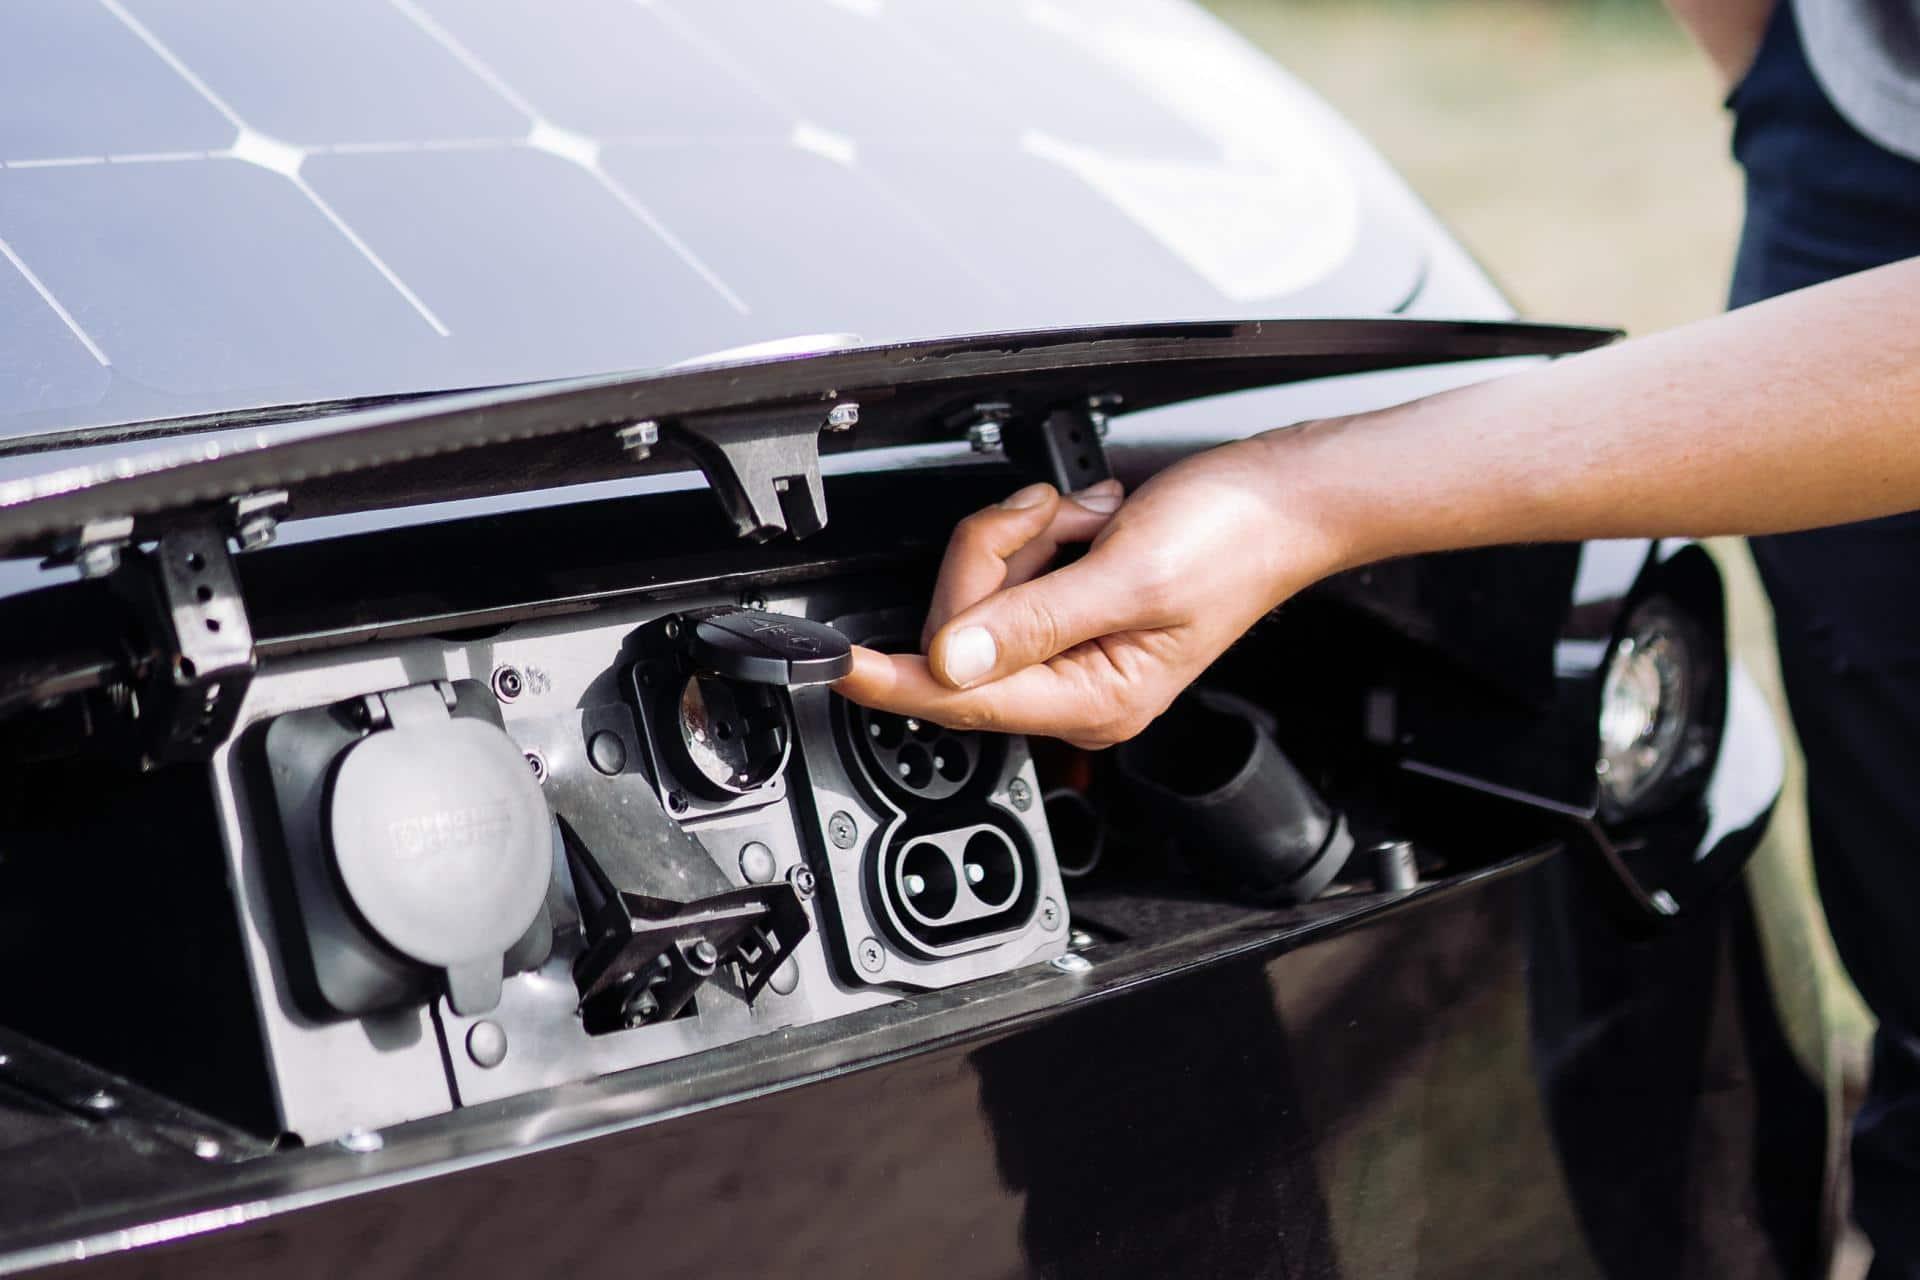 Sono Motors patentiert bidirektionale Ladetechnologie für Elektroautos